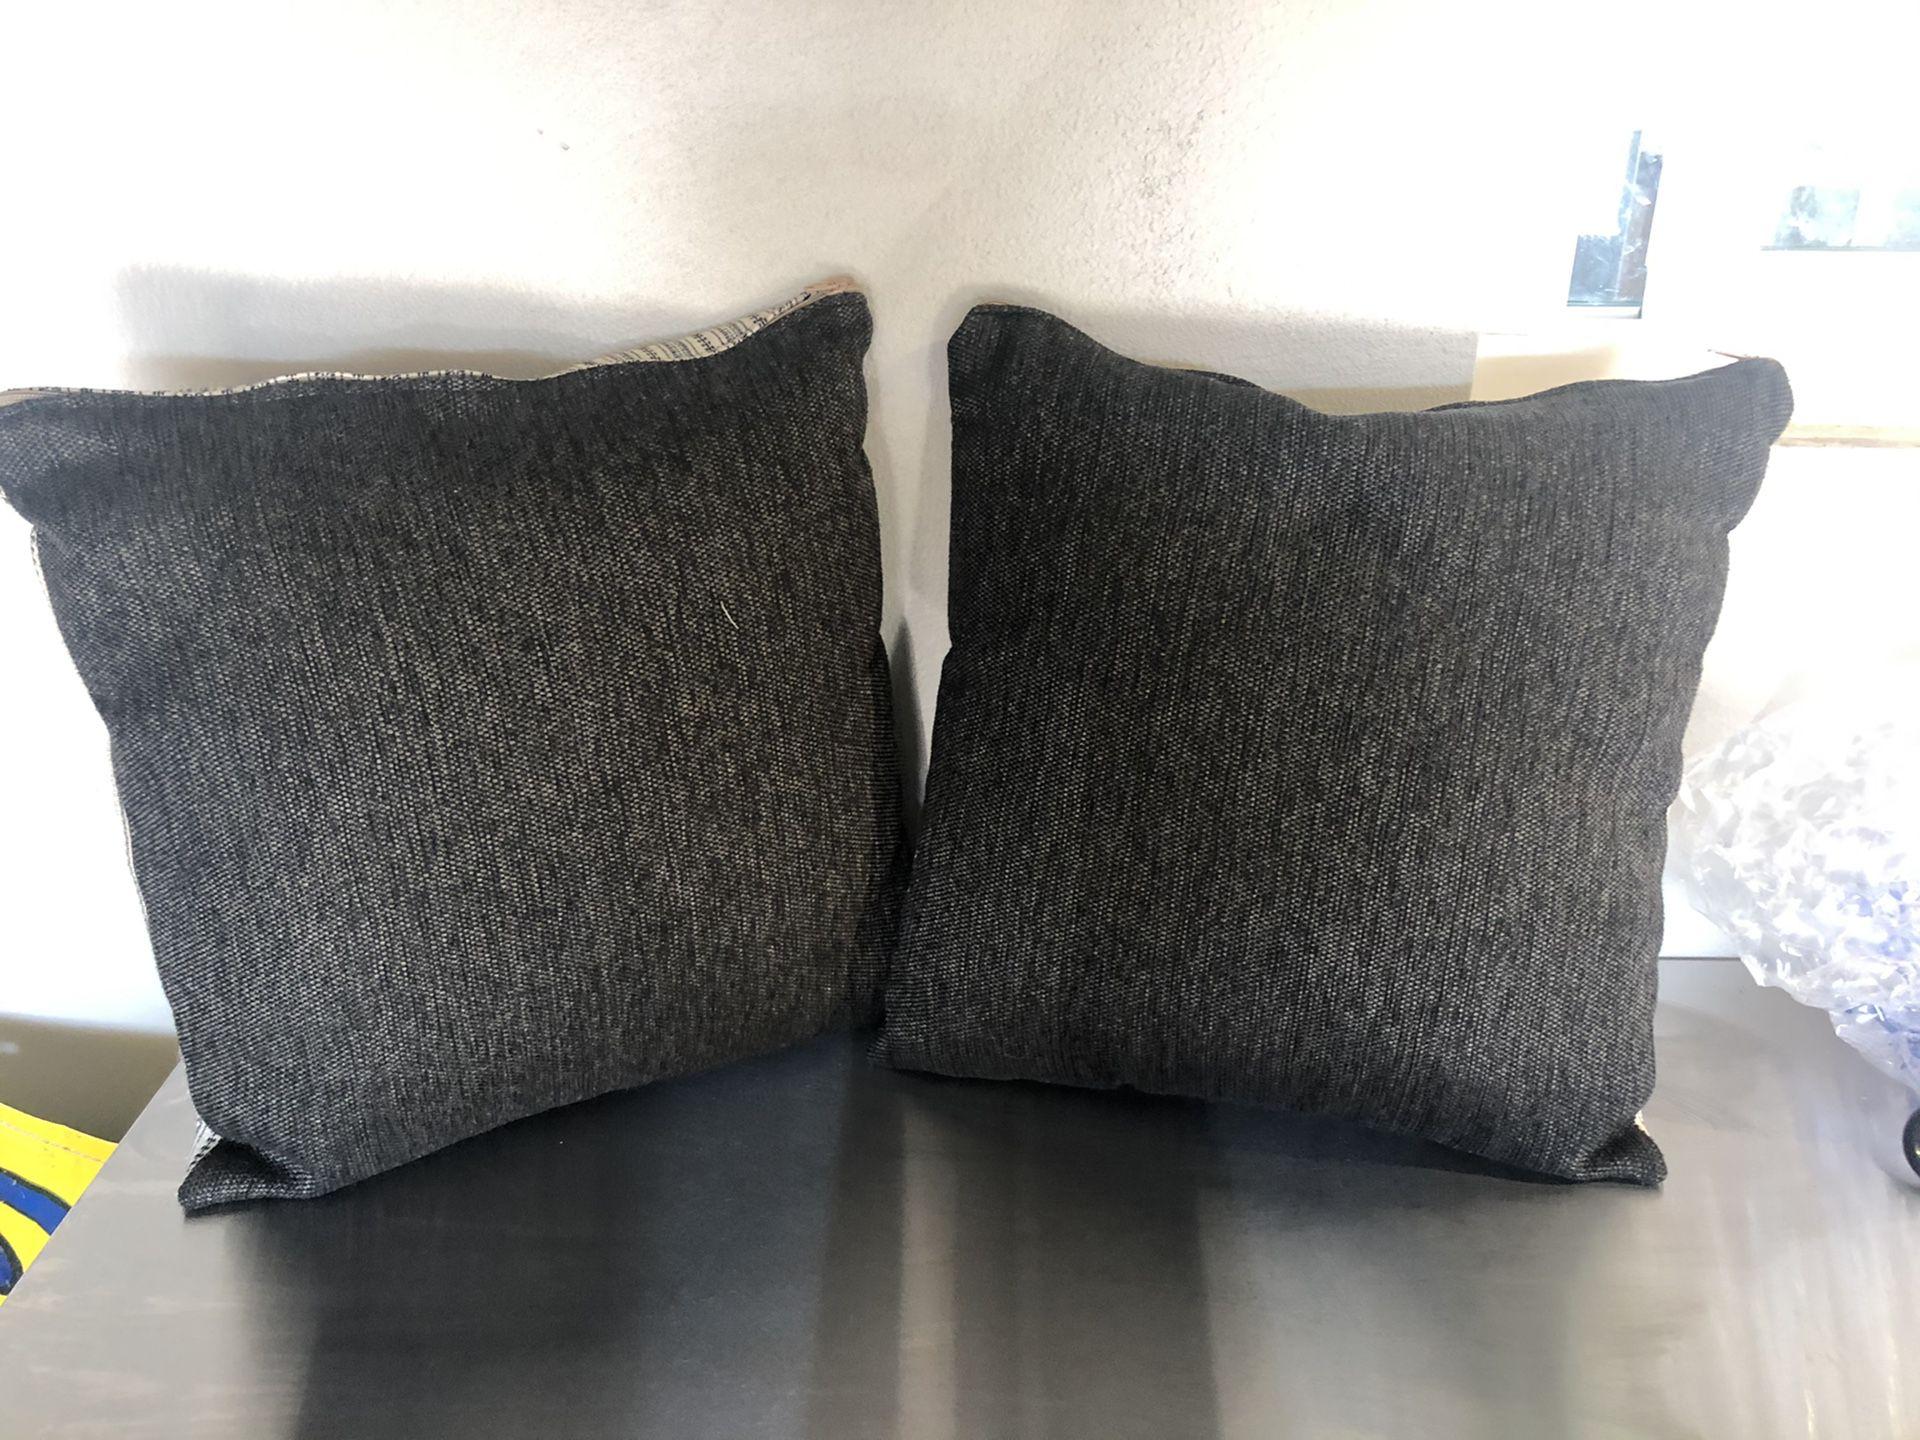 Small pillows